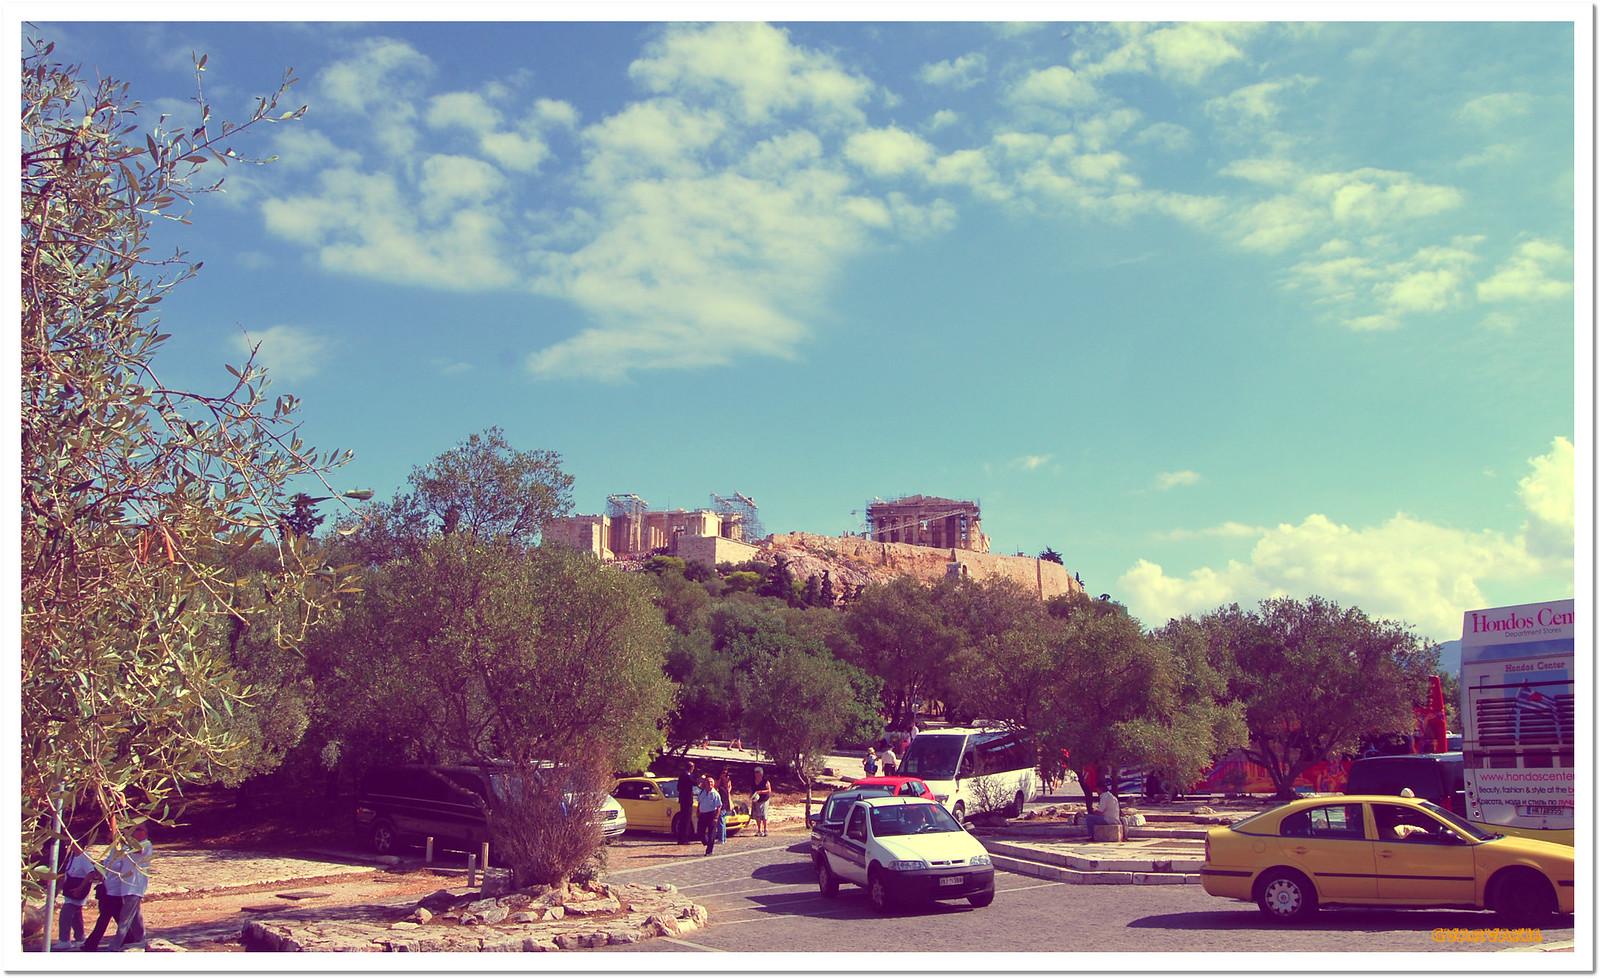 acropolis9gv